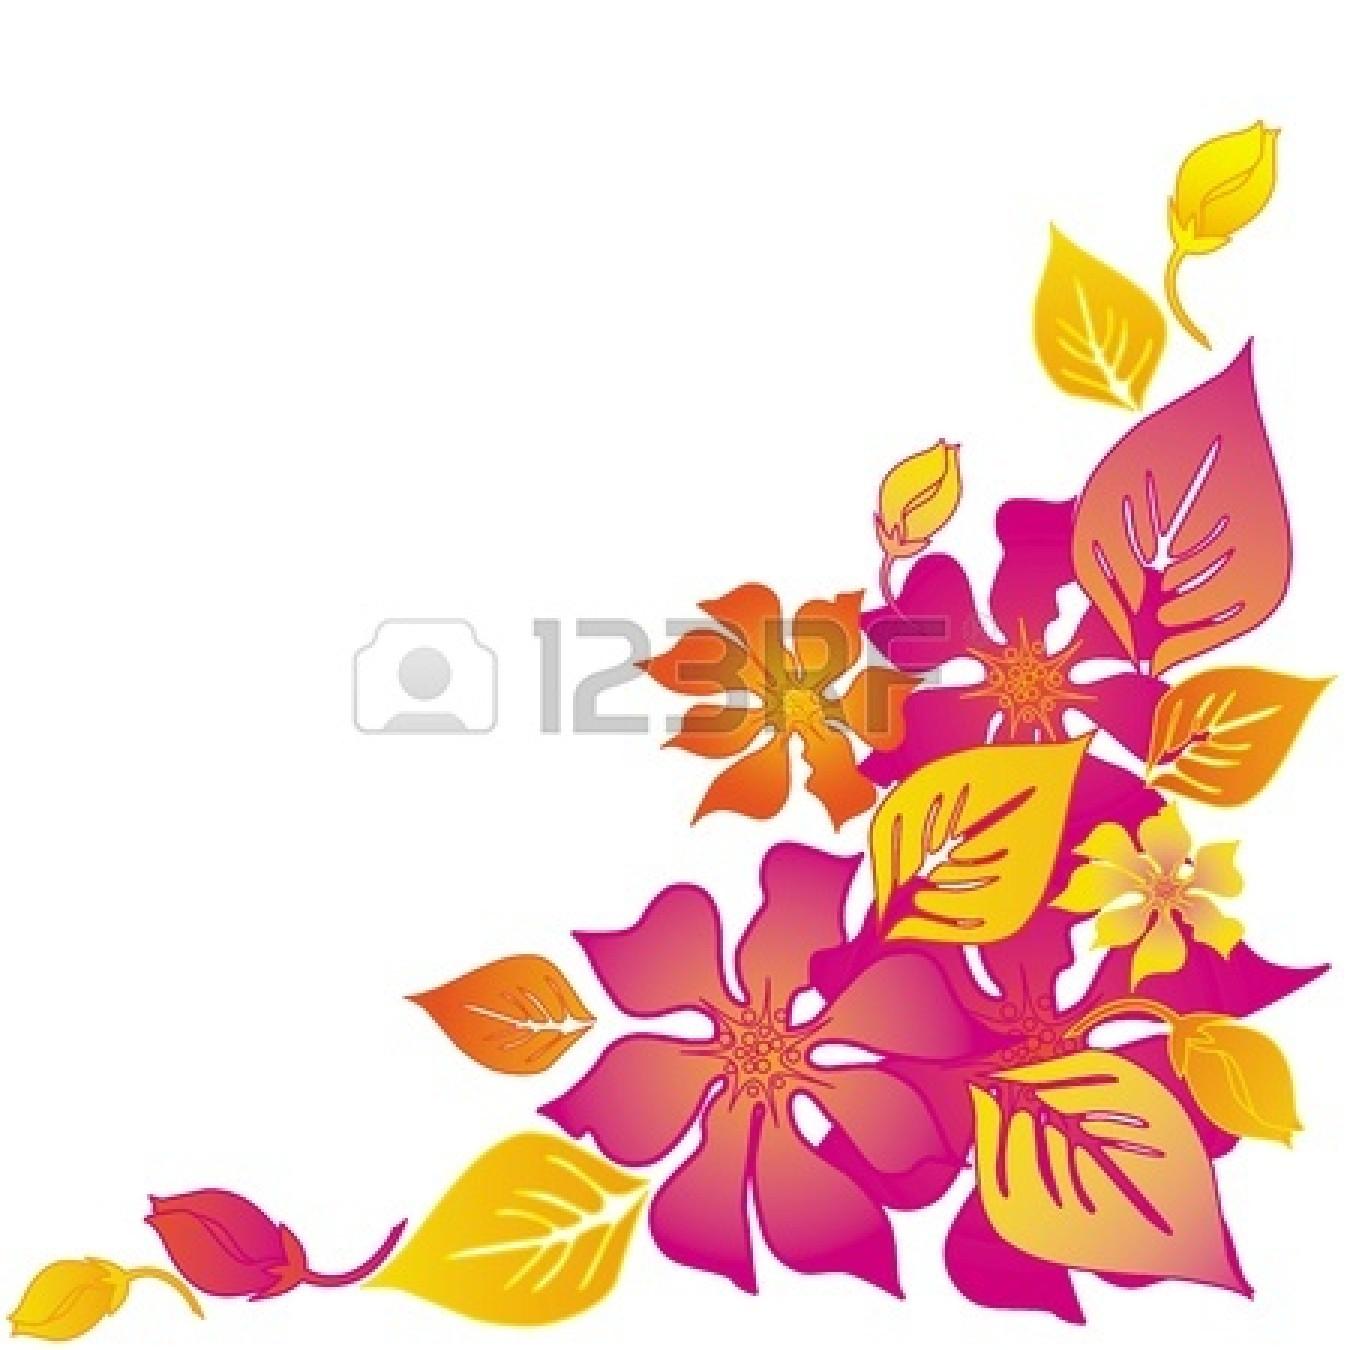 Hawaiian flowers border free download best hawaiian flowers border 1350x1350 pink flower clipart abstract flower mightylinksfo